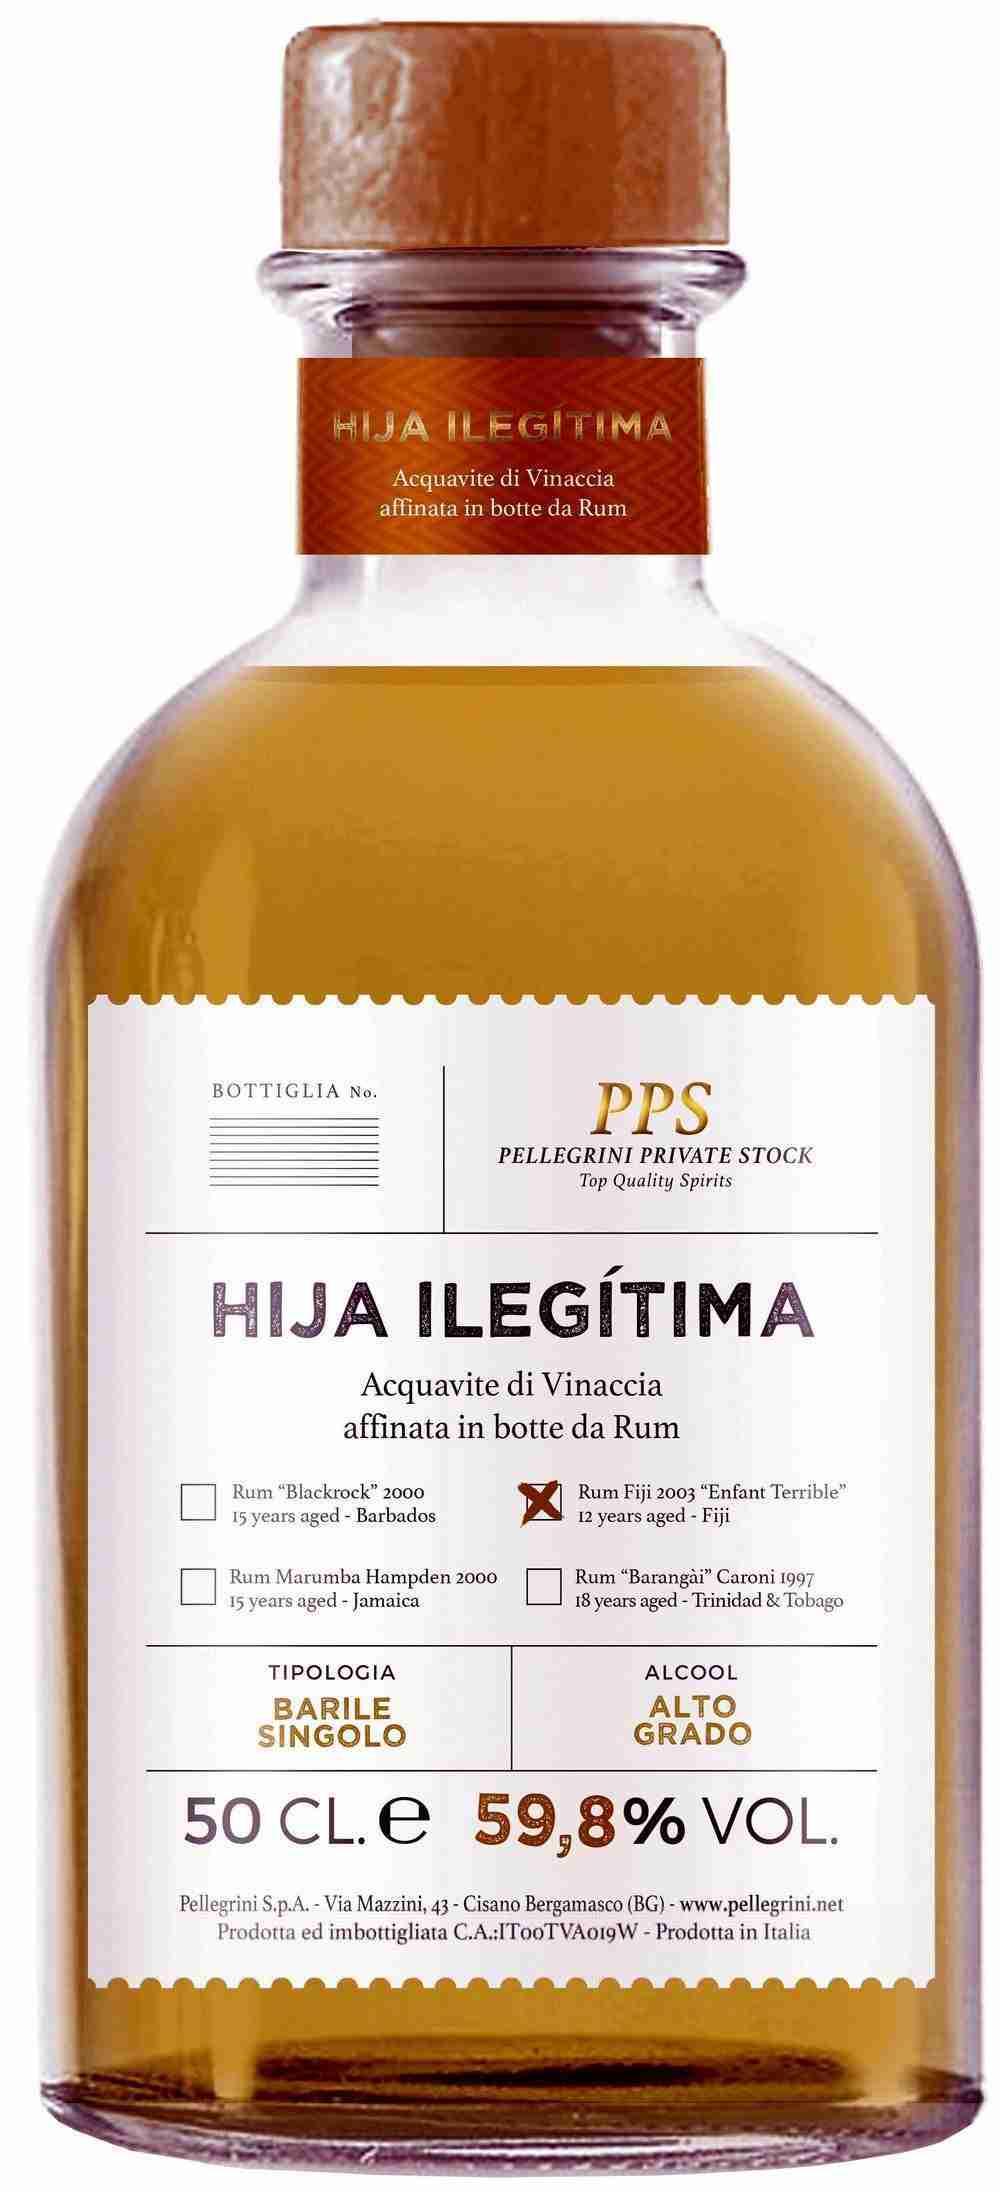 Hija Ilegitima Fiji